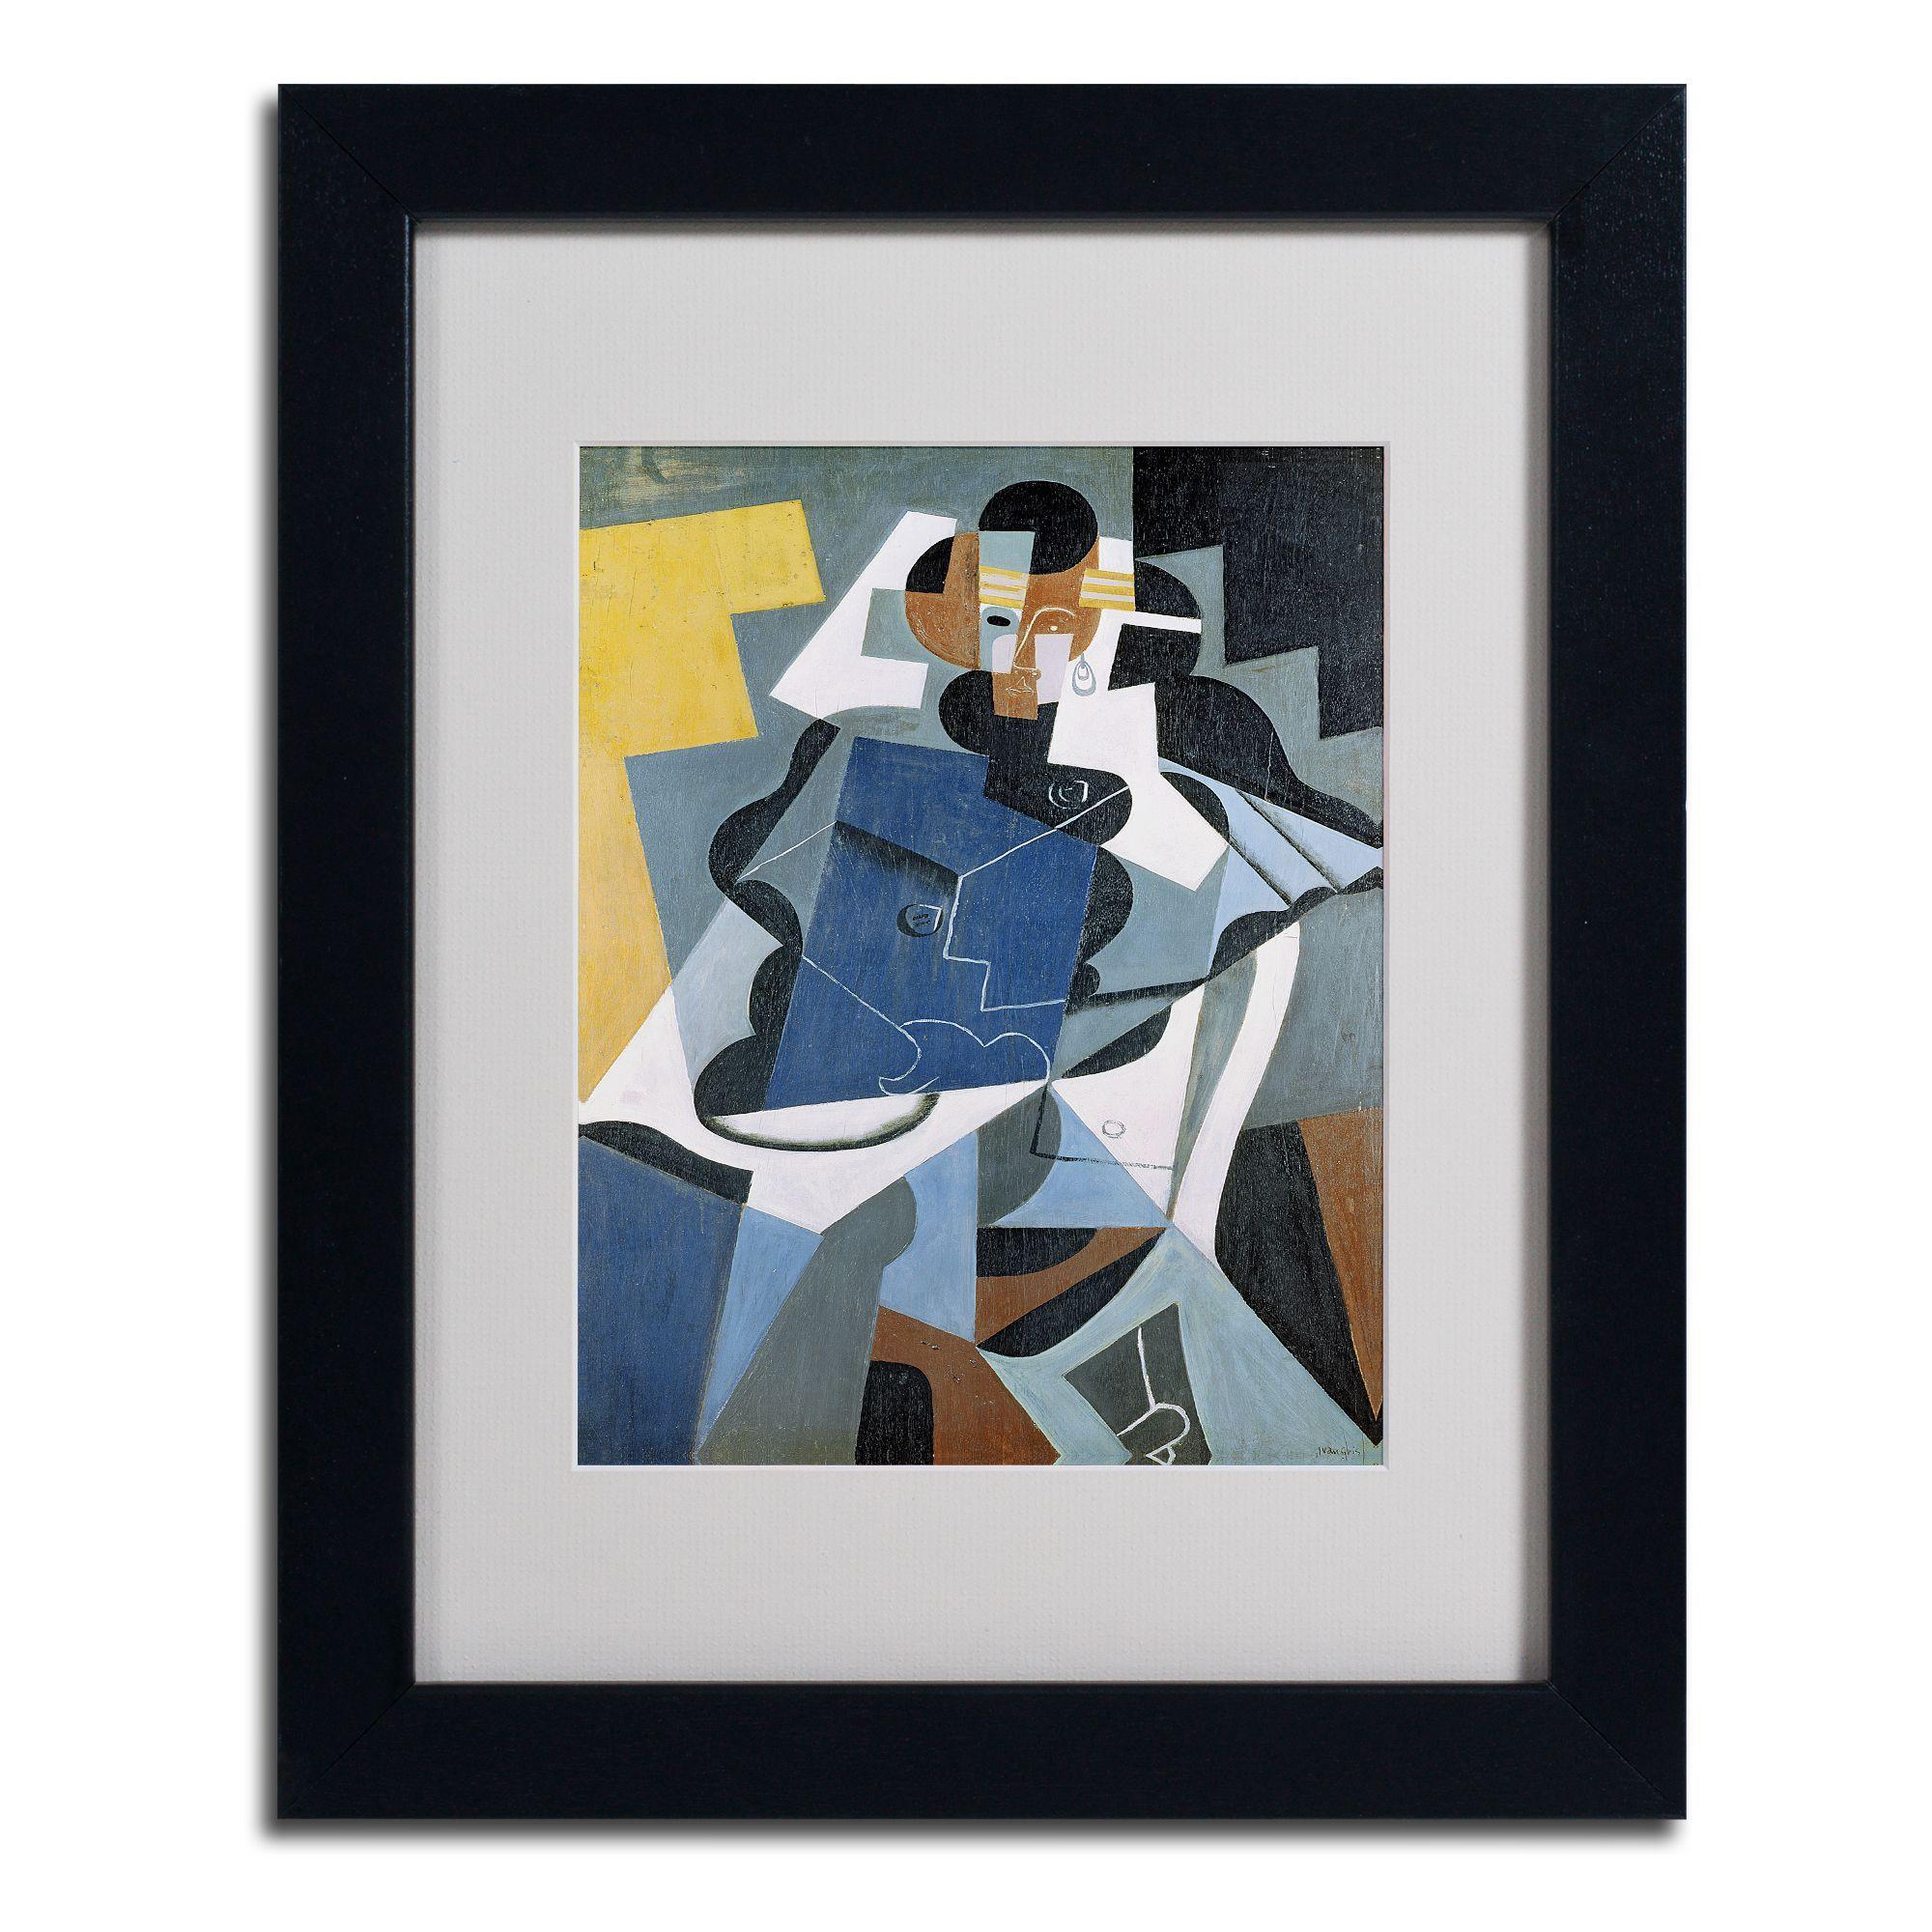 Juan Gris \'Figure of a Woman\' Framed Matted Art | Products | Pinterest